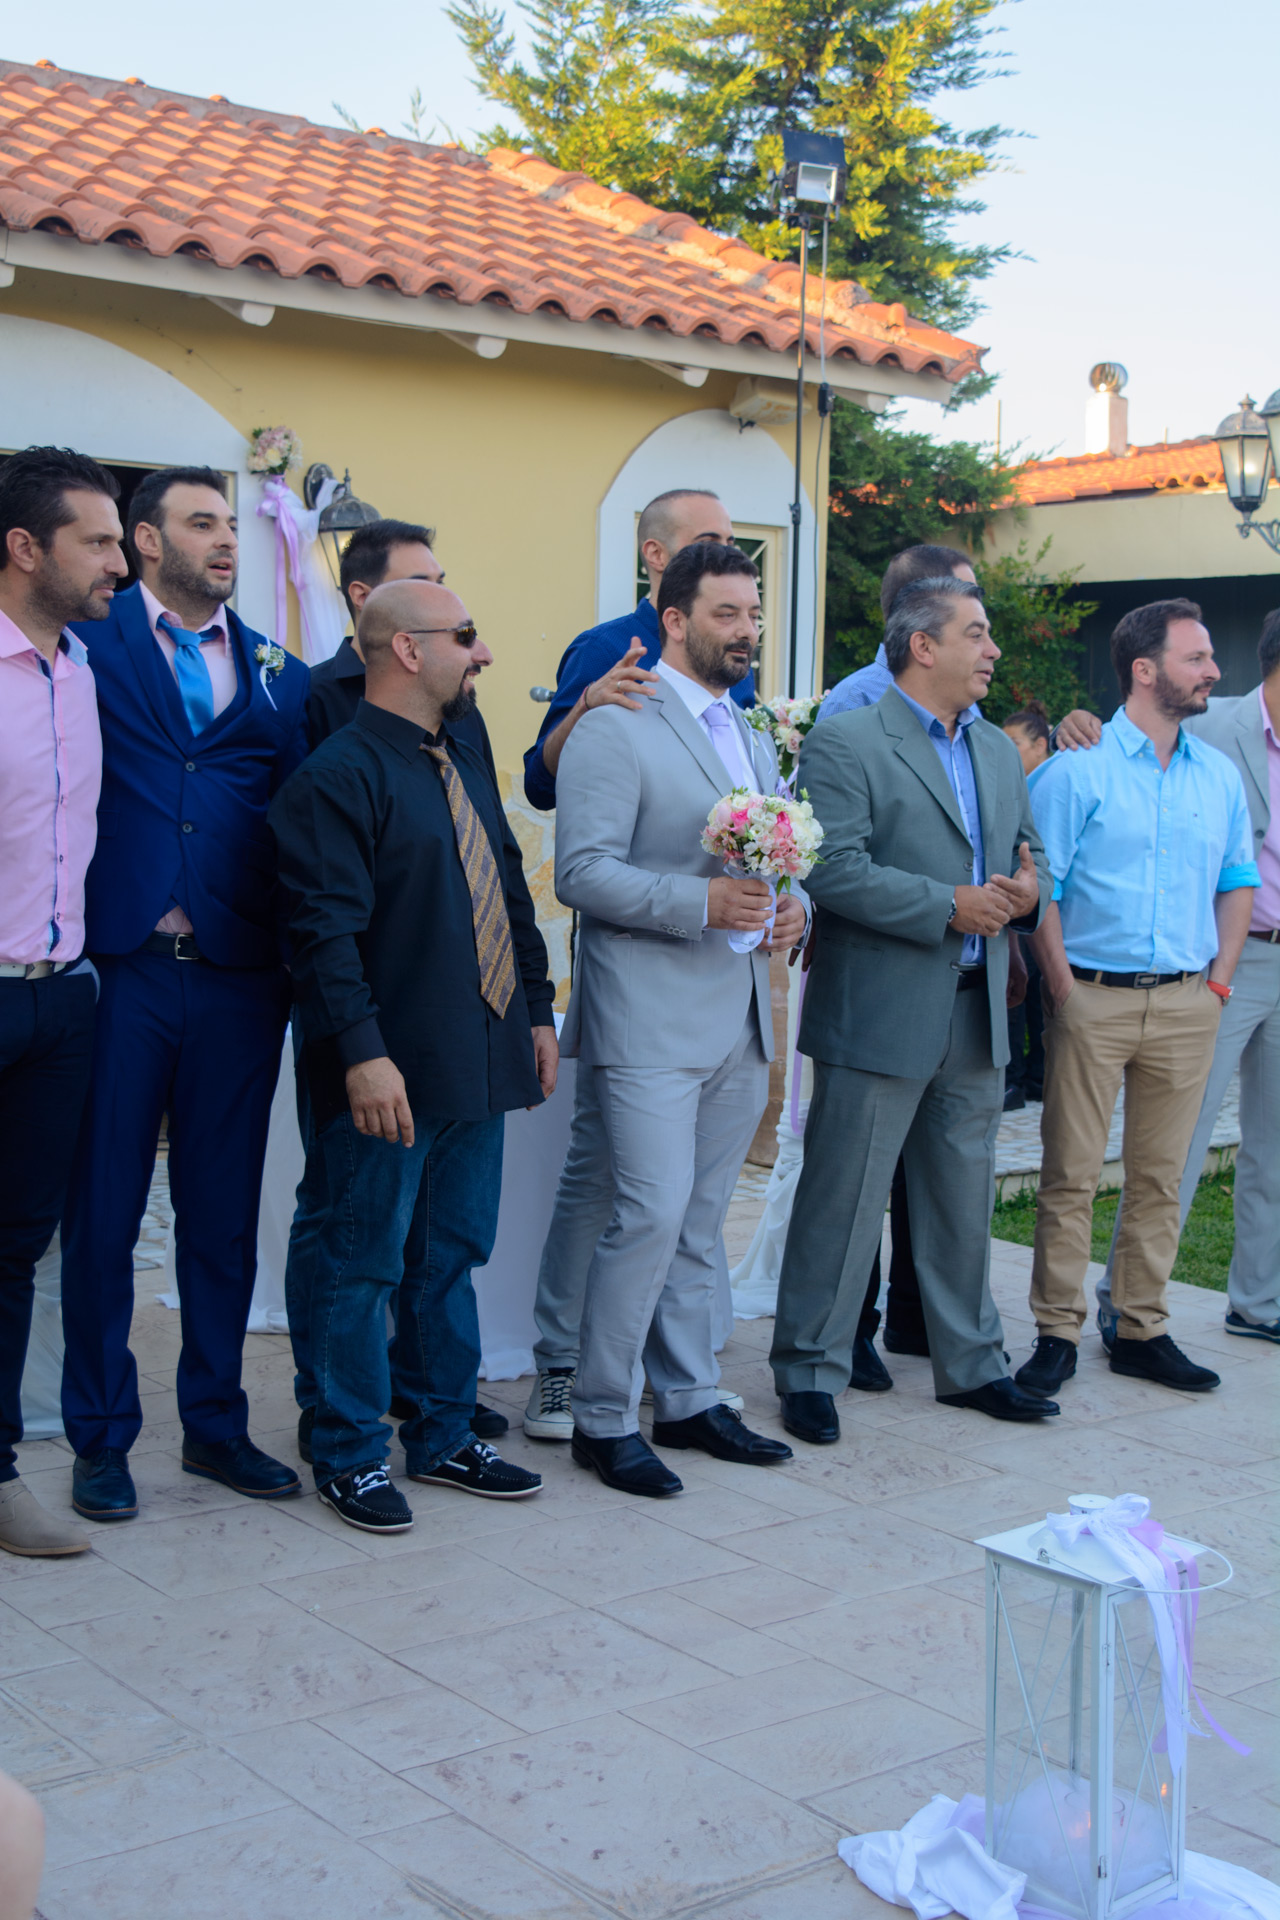 Ο γαμπρός κρατά την ανθοδέσμη και περιμένει τη νύφη